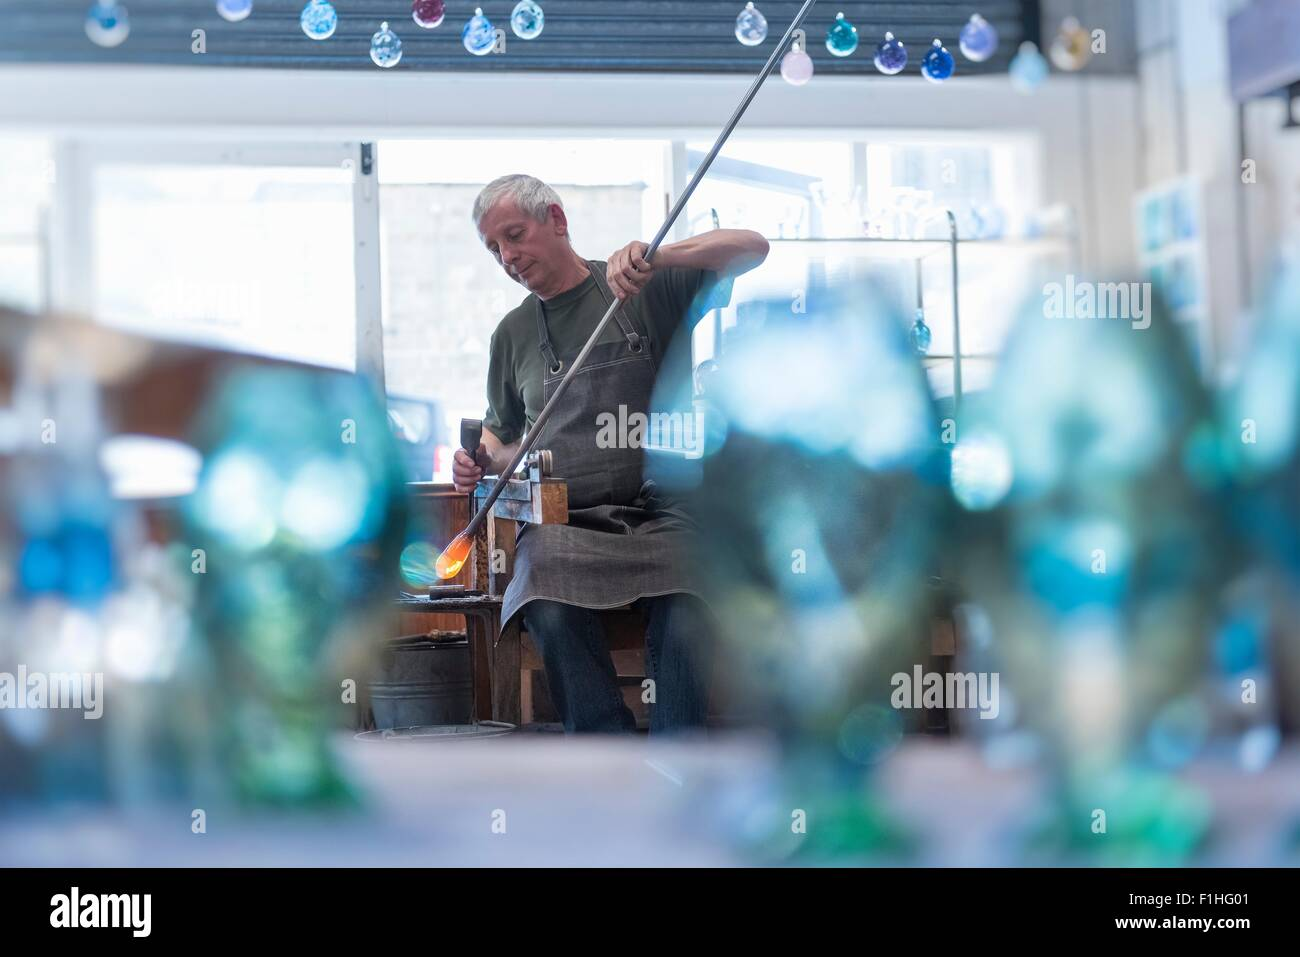 Glasbläser mit großen Blob von heißem Glas Stockbild